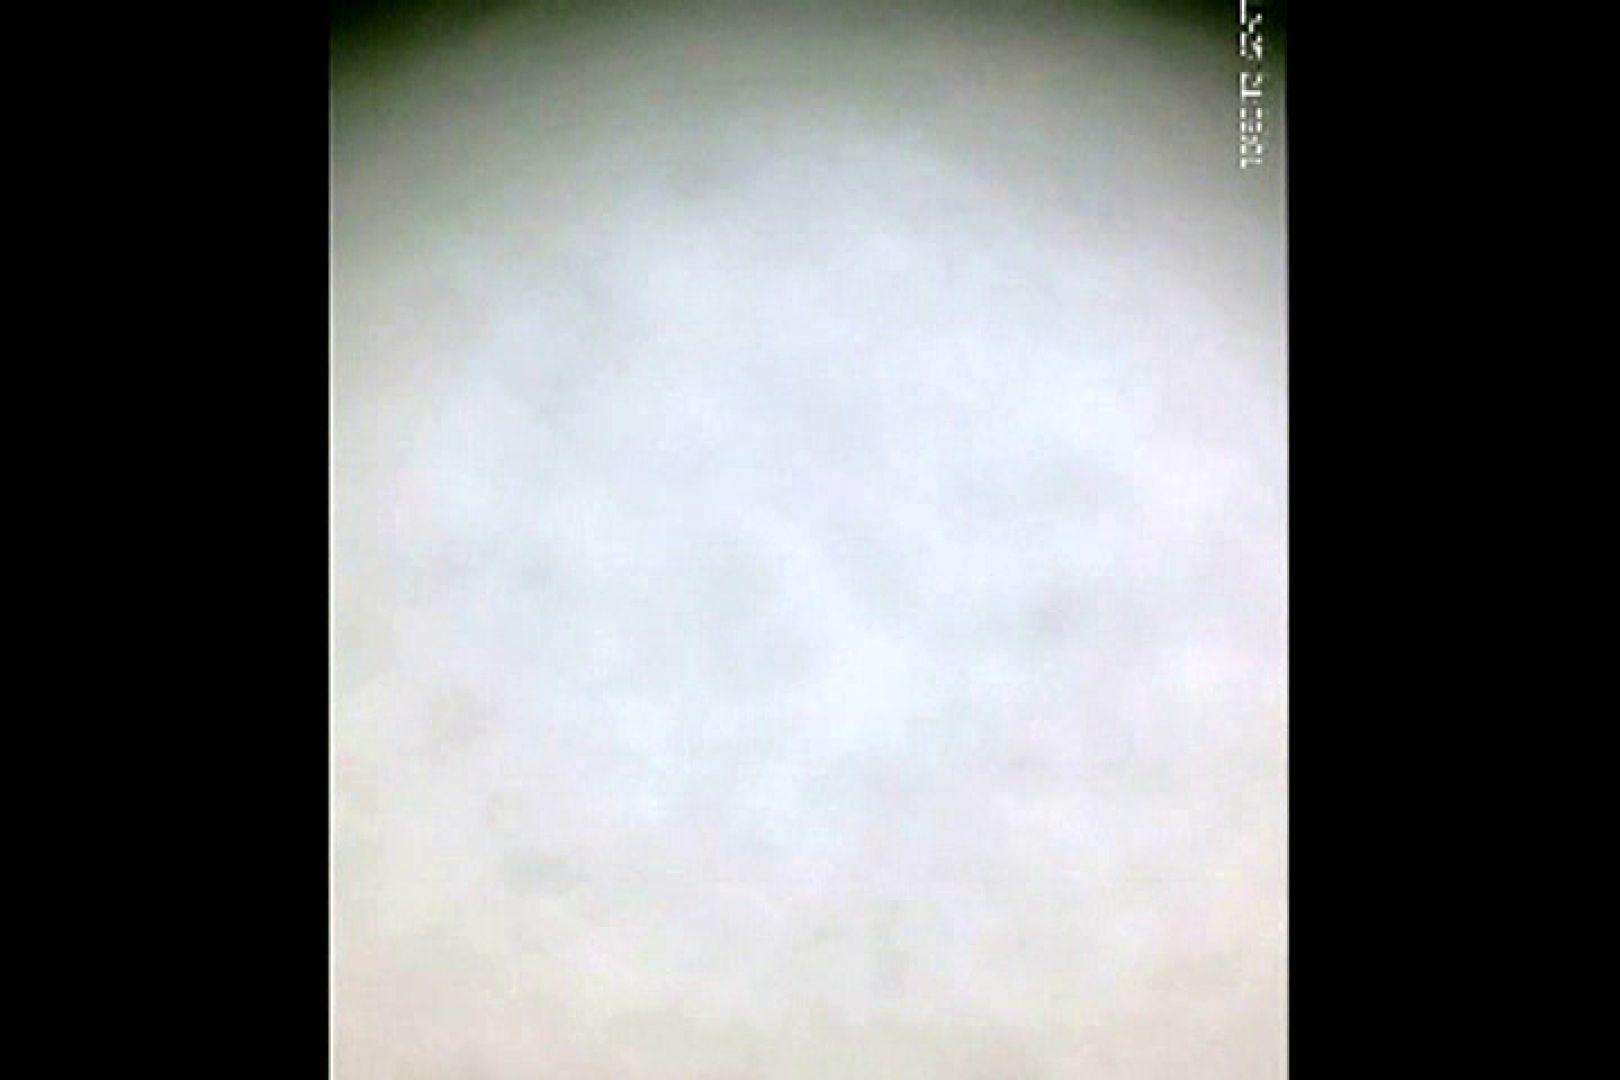 美女洗面所!痴態の生現場その09 洗面所 盗撮われめAV動画紹介 36pic 26